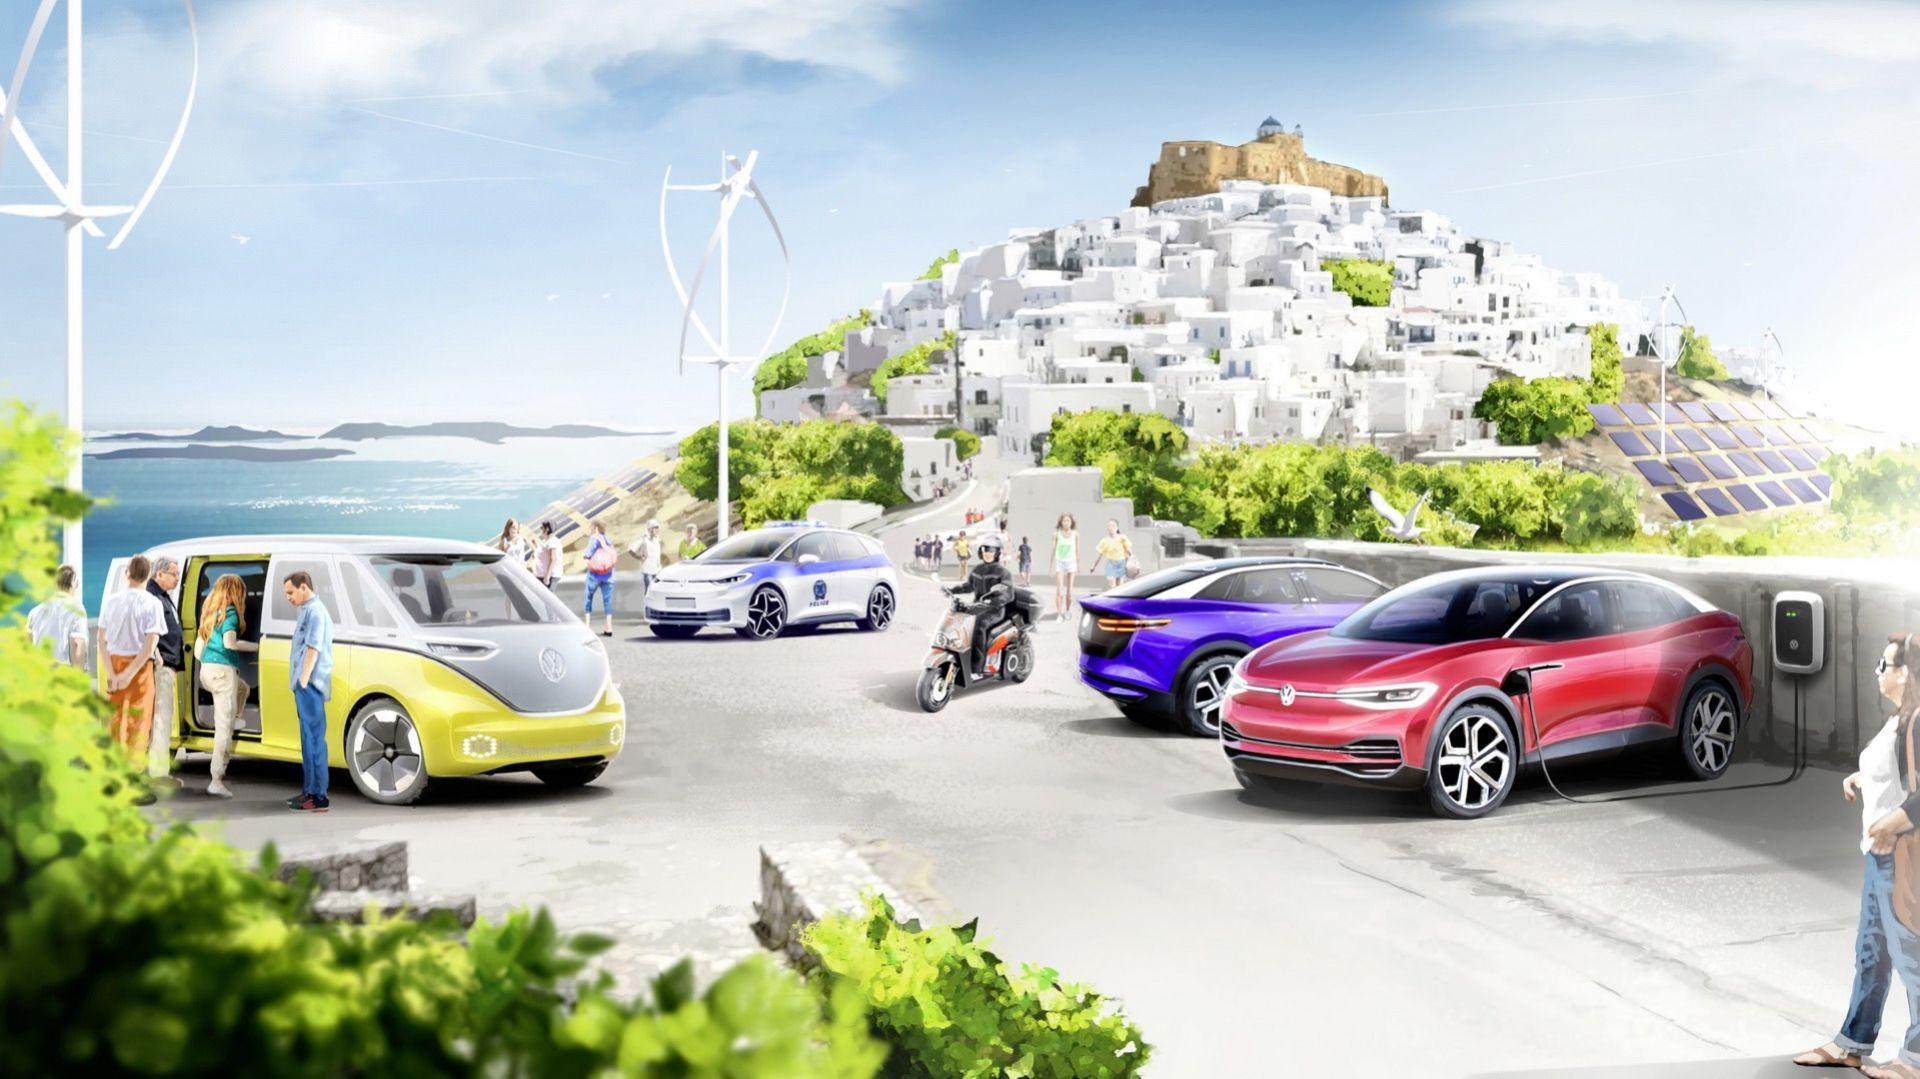 Volkswagen ska göra om grekisk ö till elfordonsparadis